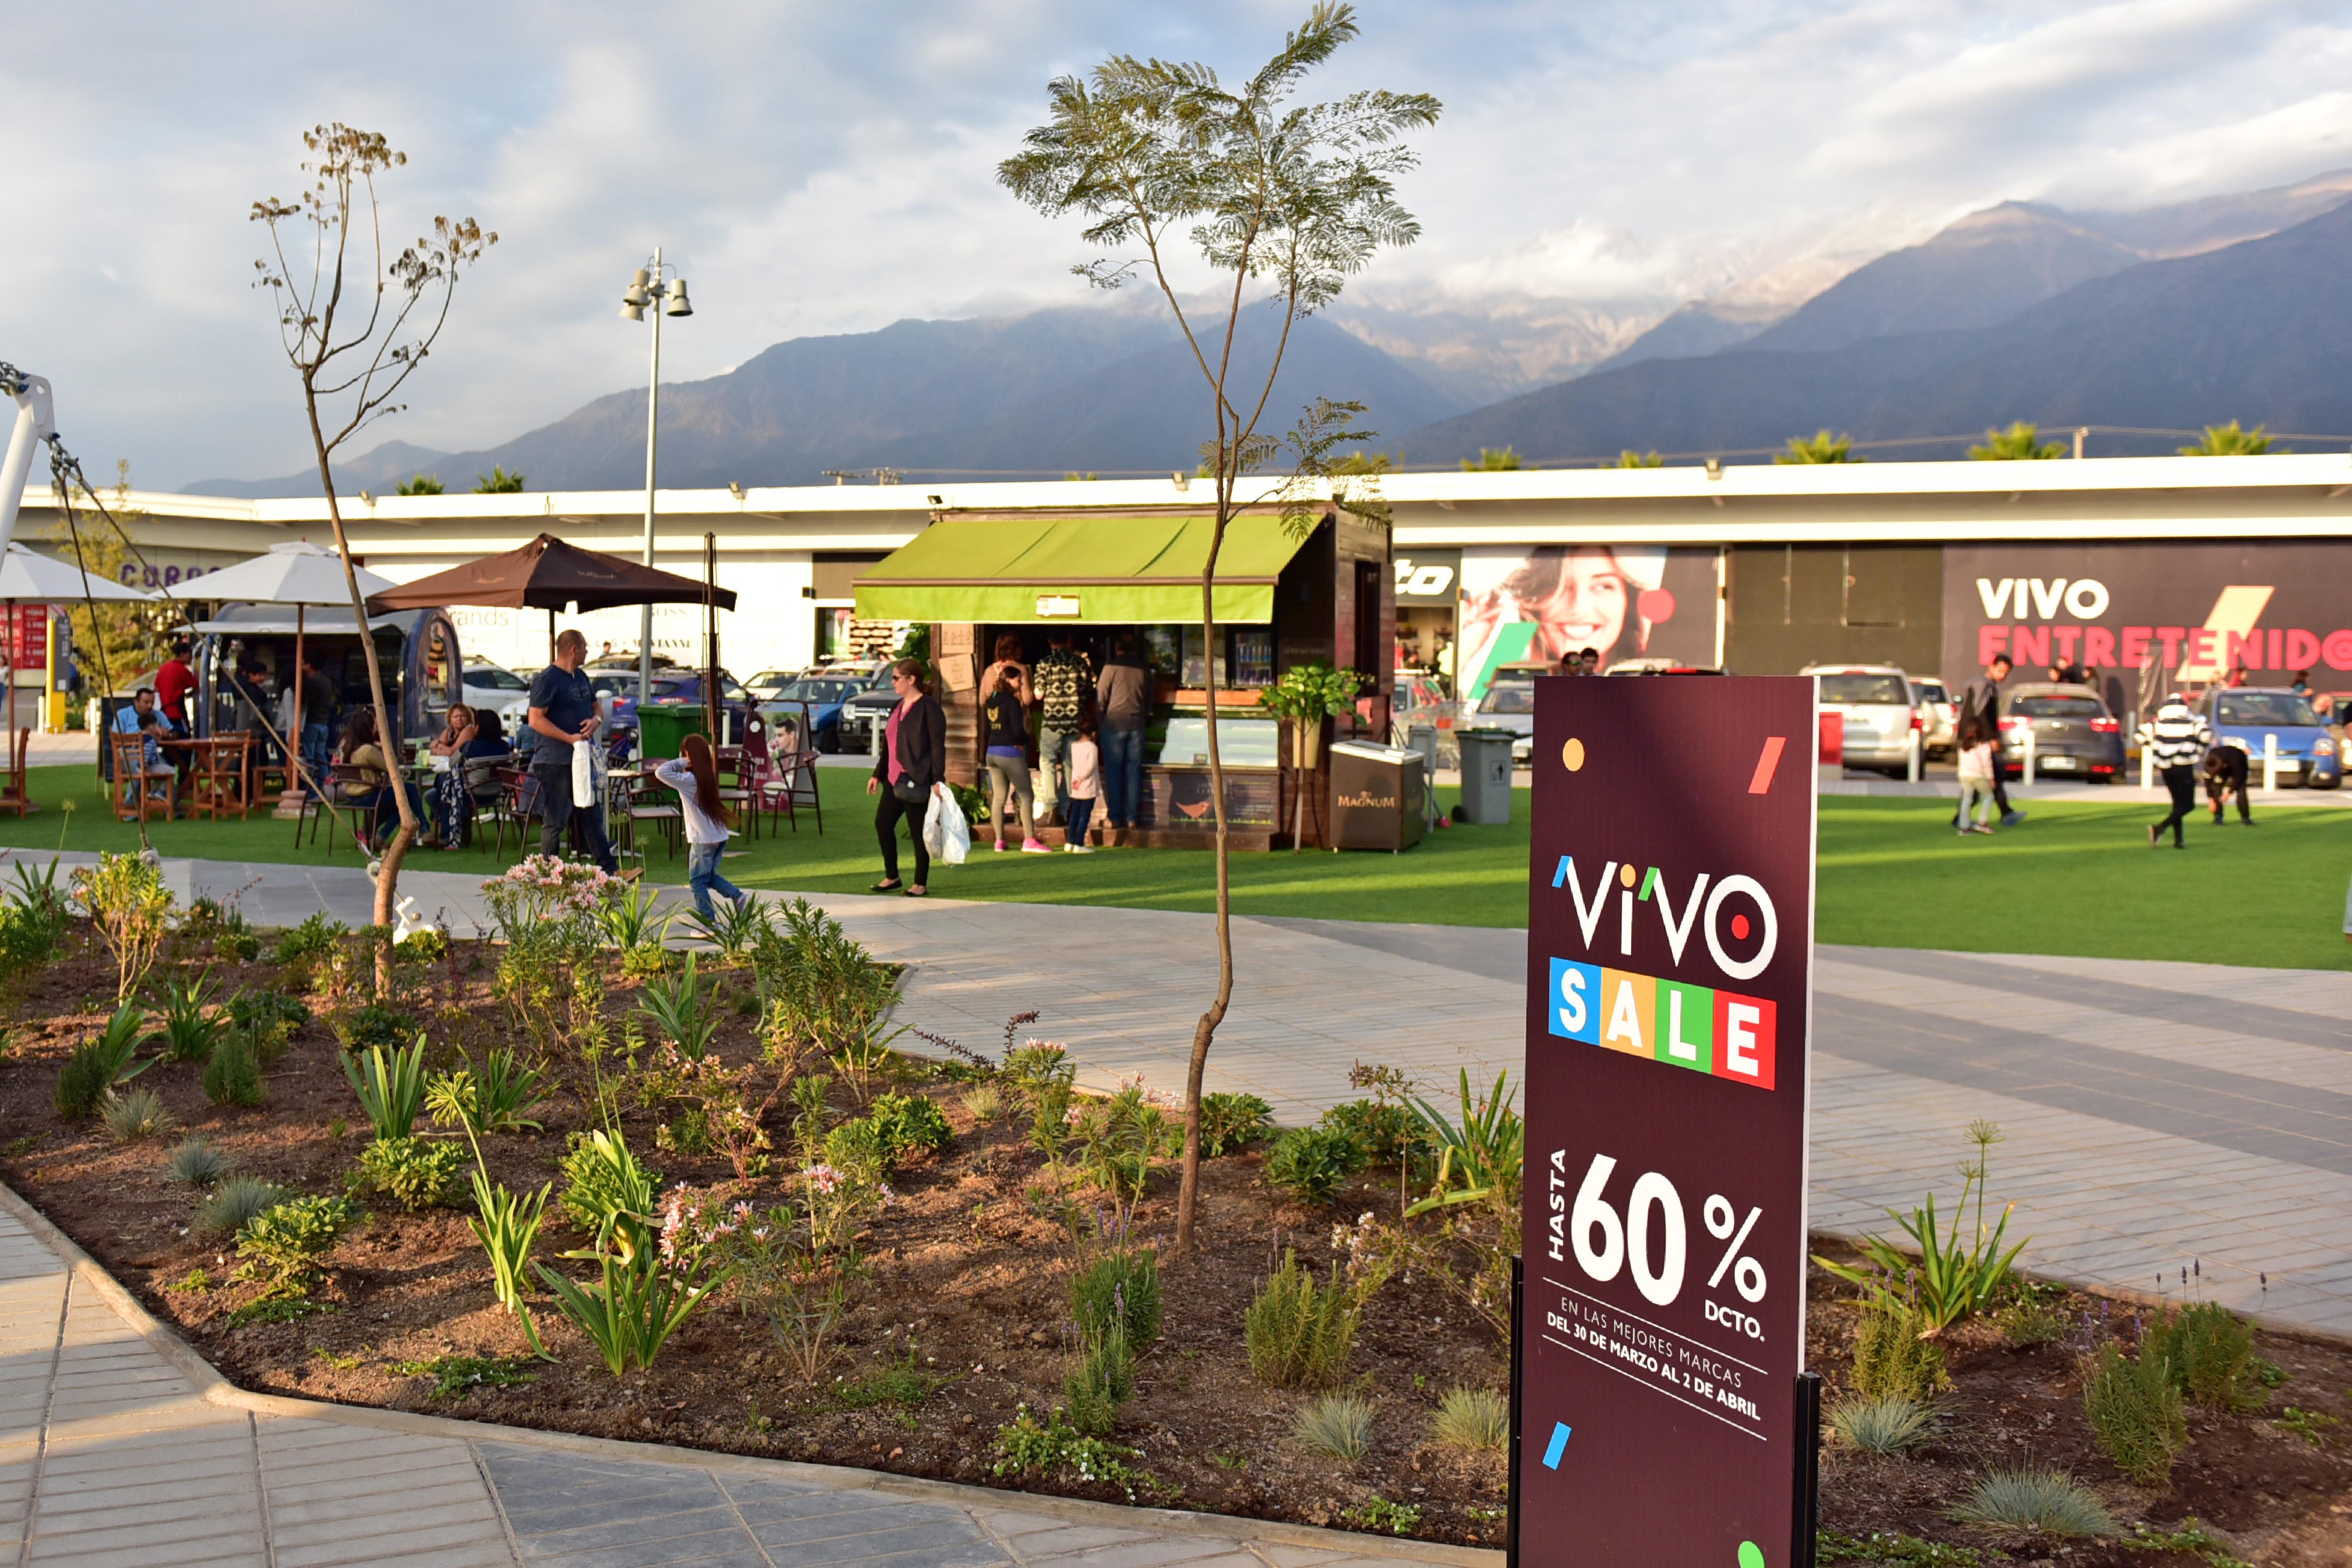 mall vivo - VivoCorp planea abrir su Mall Vivo Santiago en el 2022